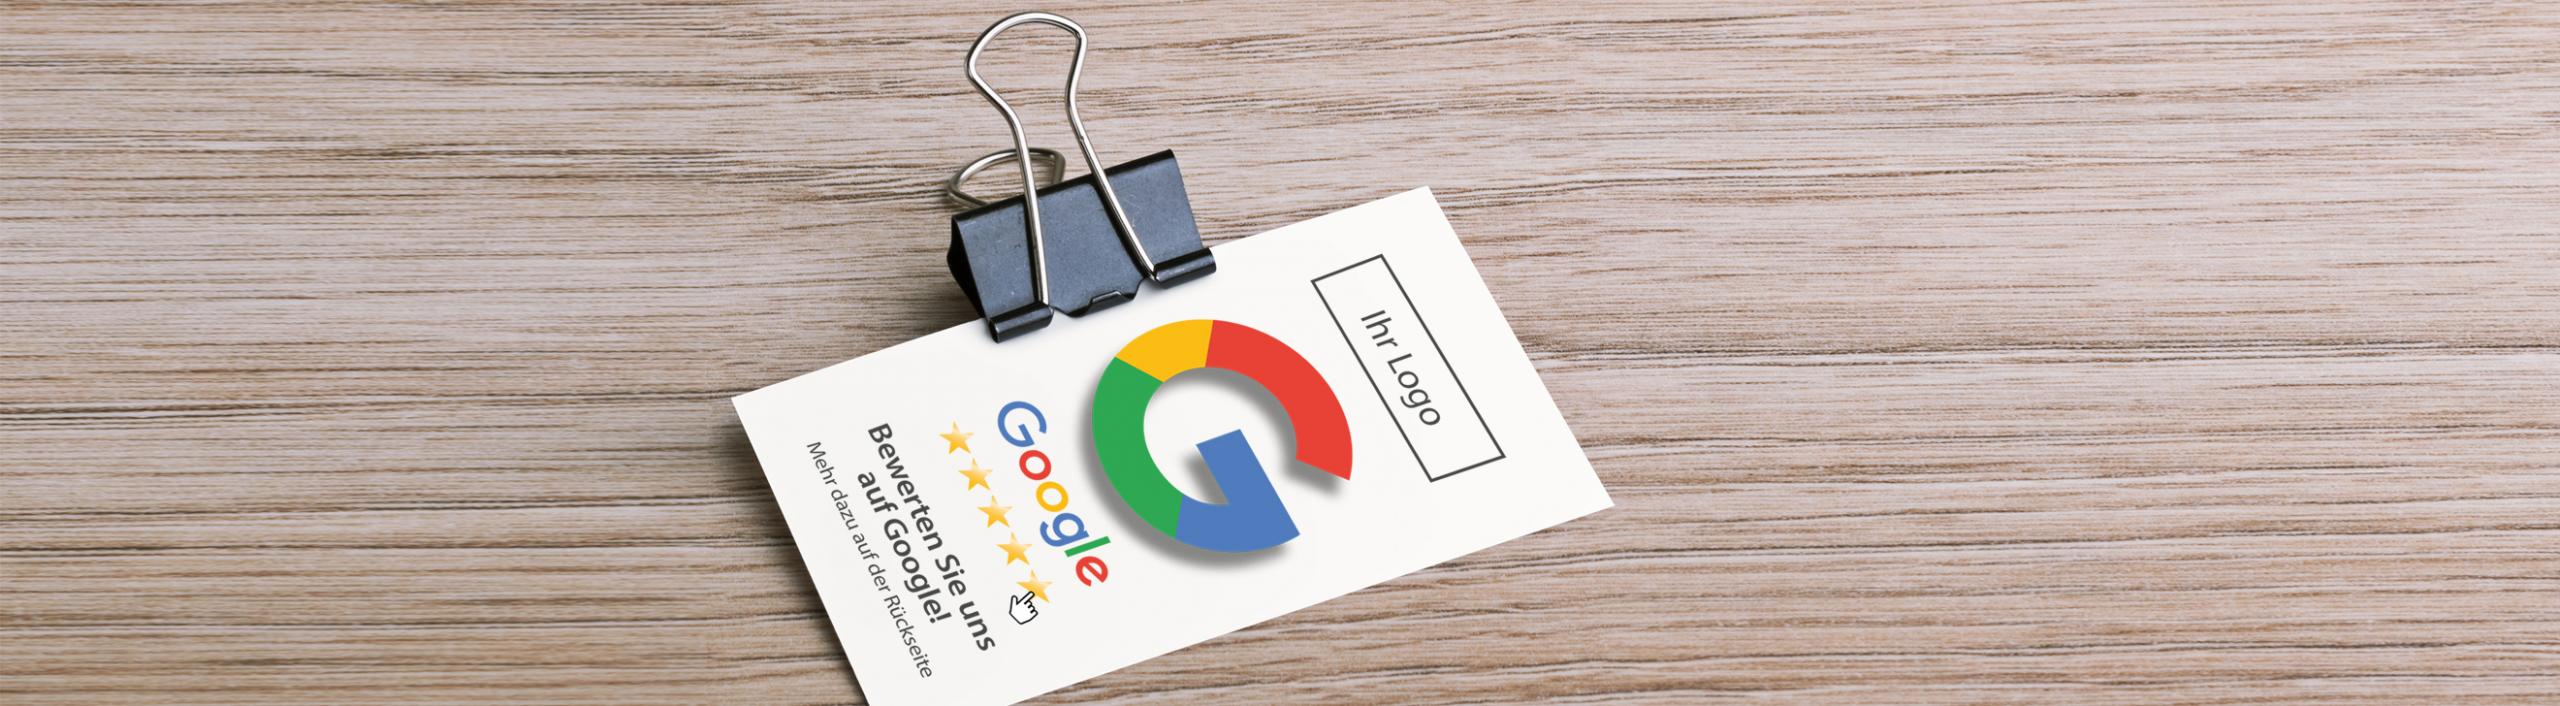 TVG Google Bewertungen